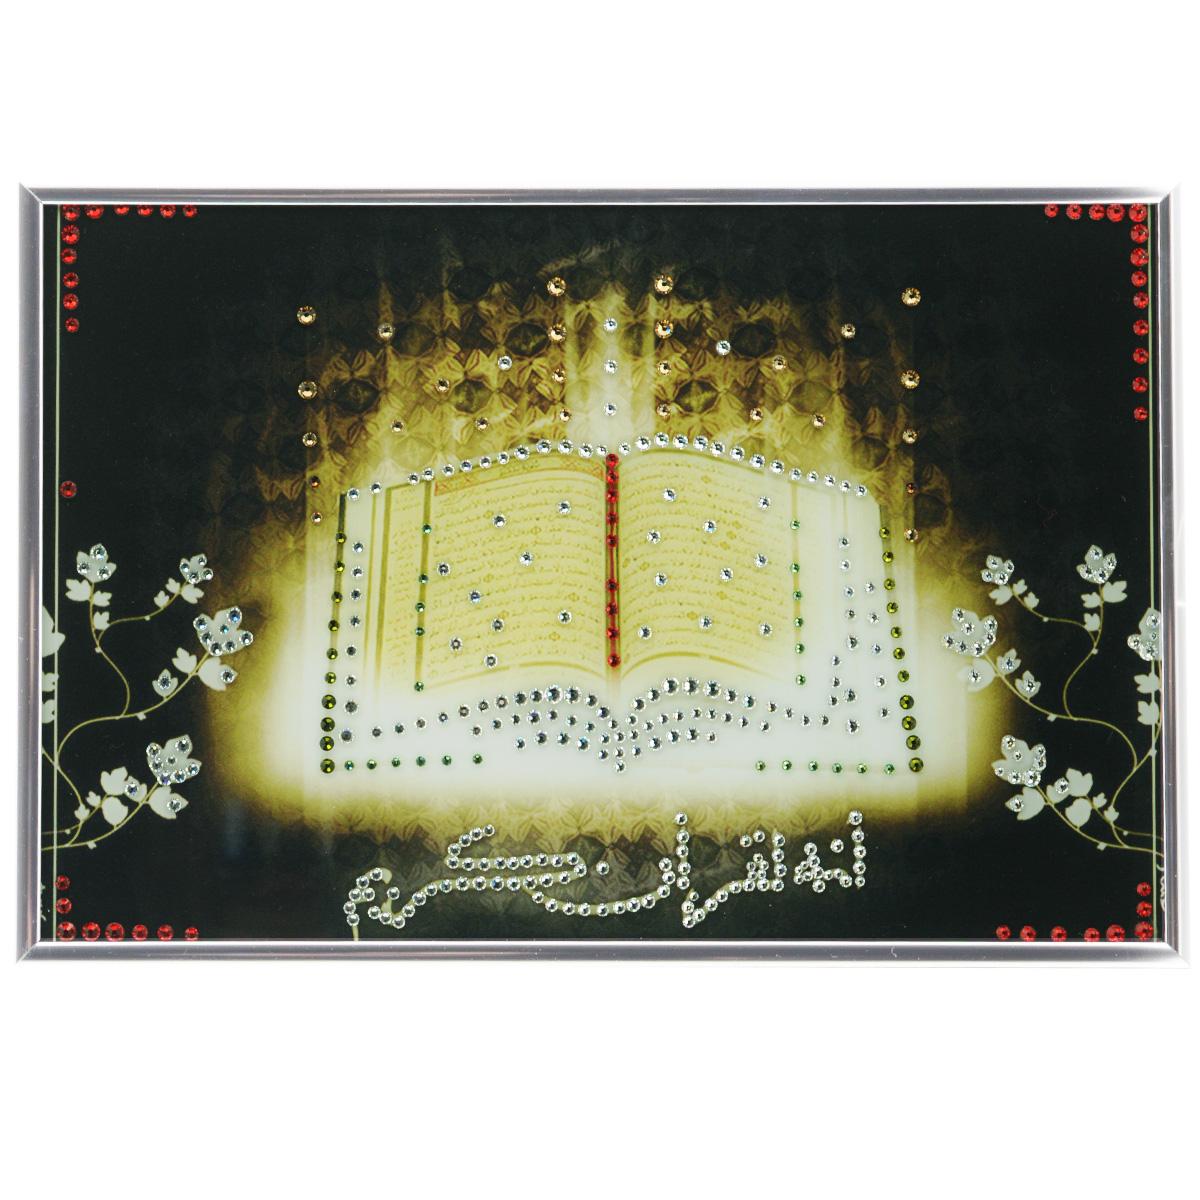 Картина с кристаллами Swarovski Коран, 31 х 21 см1597Изящная картина в металлической раме, инкрустирована кристаллами Swarovski, которые отличаются четкой и ровной огранкой, ярким блеском и чистотой цвета. Красочное изображение книги и цветочных узоров, расположенное под стеклом, прекрасно дополняет блеск кристаллов. С обратной стороны имеется металлическая петелька для размещения картины на стене. Картина с кристаллами Swarovski Коран элегантно украсит интерьер дома или офиса, а также станет прекрасным подарком, который обязательно понравится получателю. Блеск кристаллов в интерьере, что может быть сказочнее и удивительнее. Картина упакована в подарочную картонную коробку синего цвета и комплектуется сертификатом соответствия Swarovski.